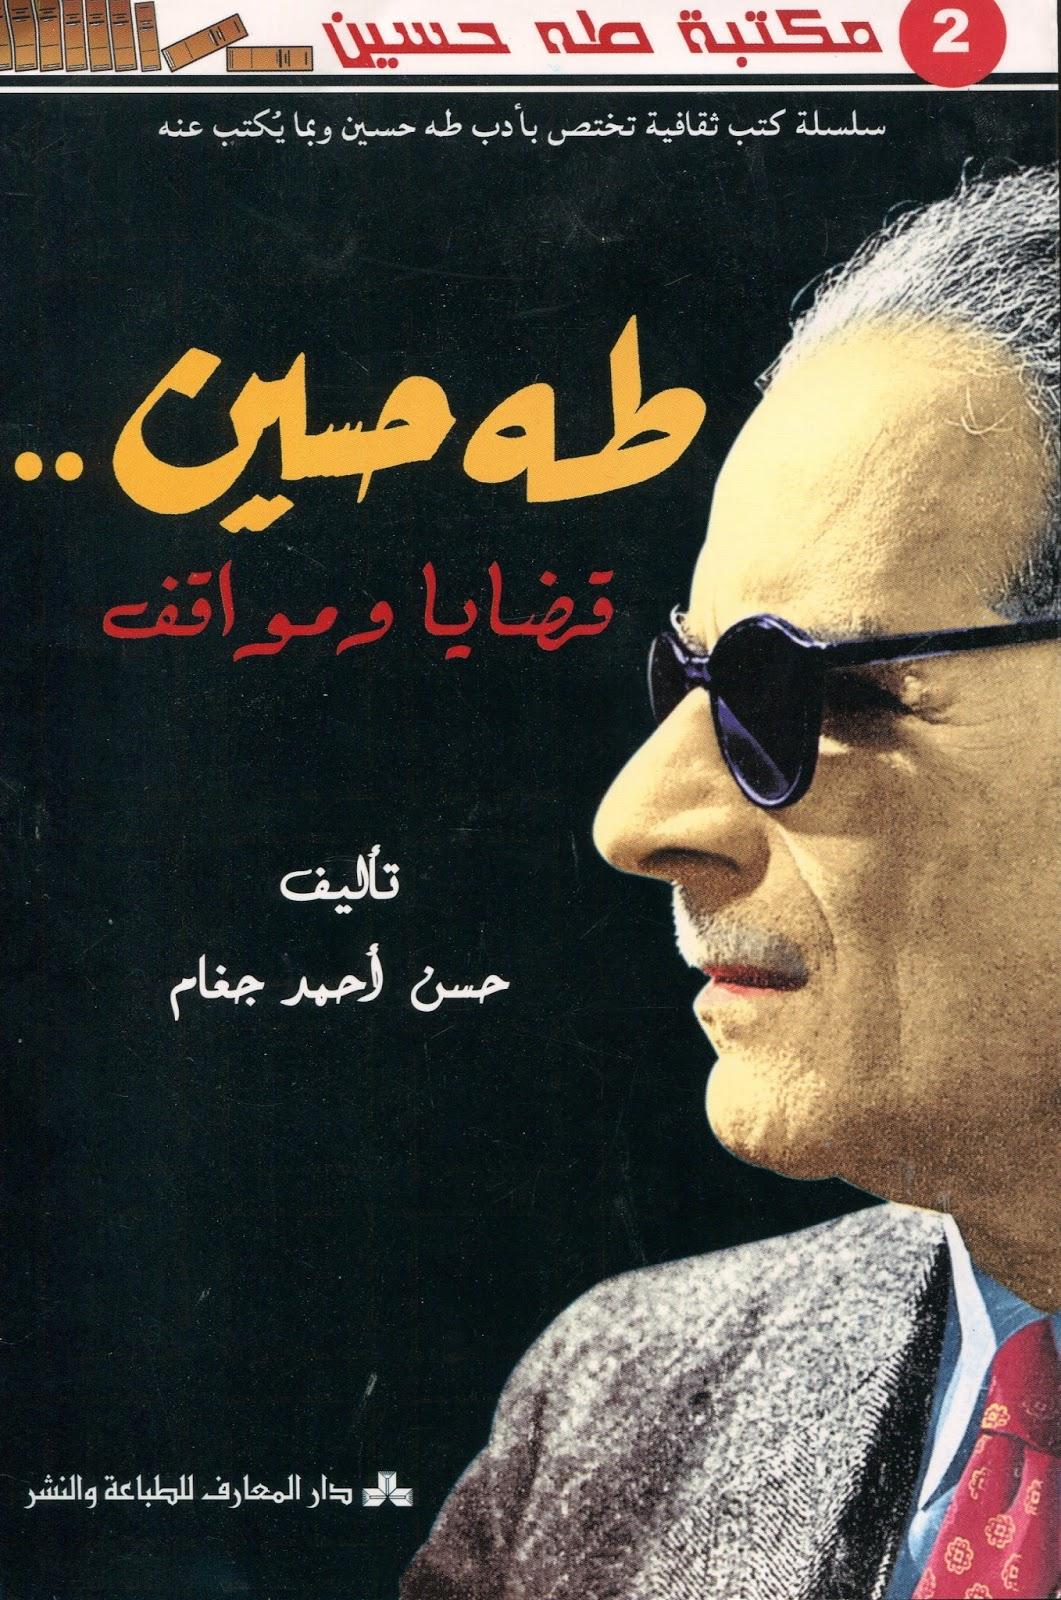 كتاب لطه حسين من اربع حروف